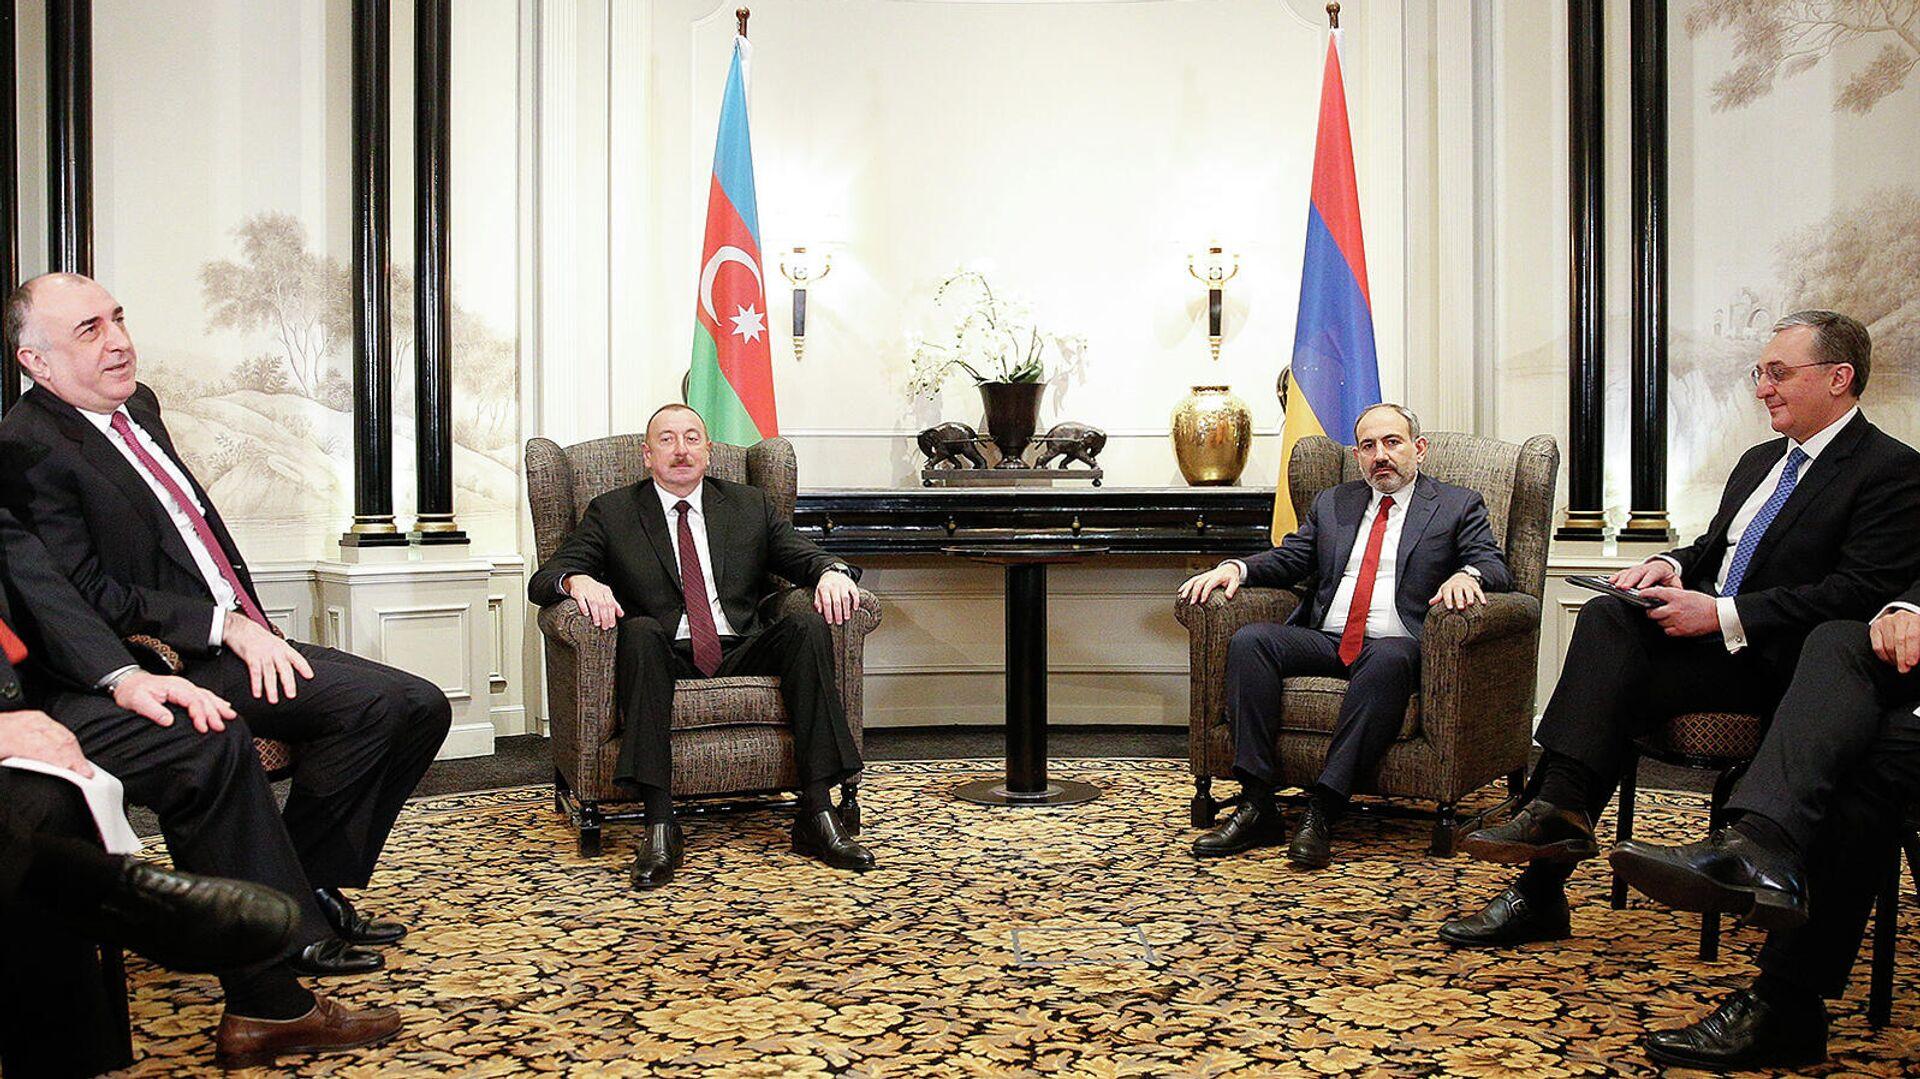 Ильхам Алиев и Никол Пашинян дали интервью РИА Новости - РИА Новости,  15.10.2020